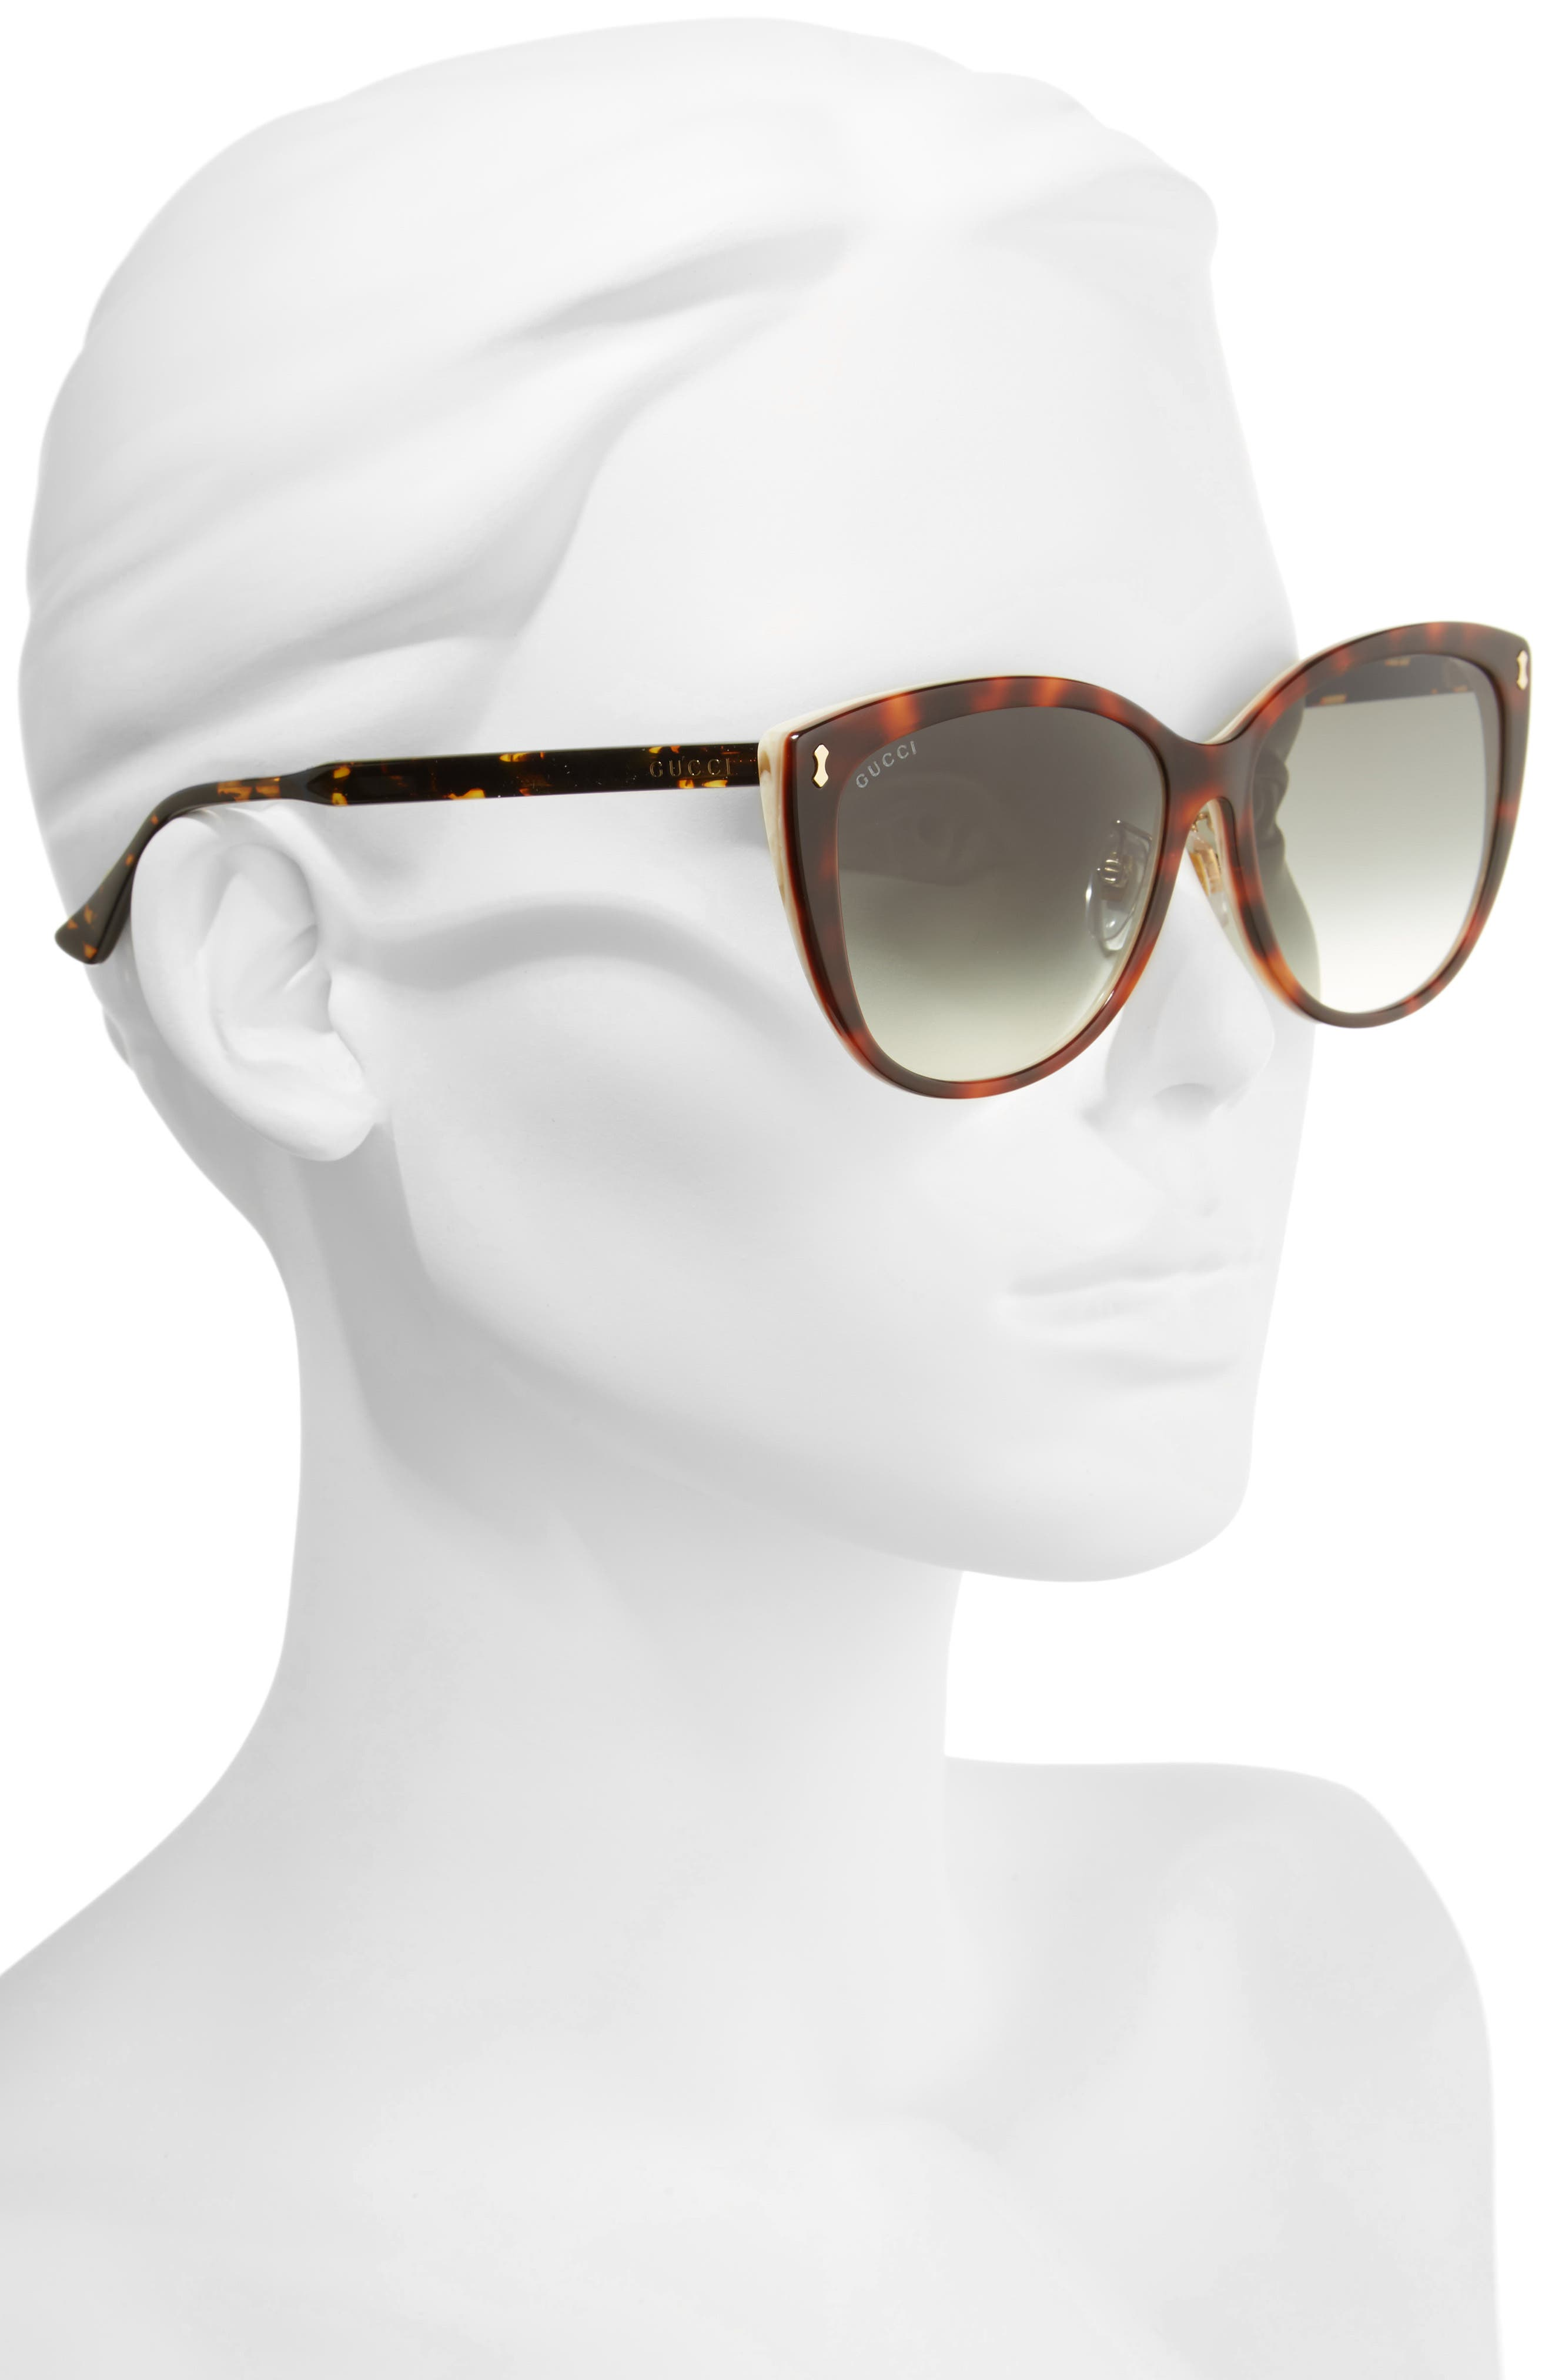 58mm Cat Eye Sunglasses,                             Alternate thumbnail 2, color,                             Havana